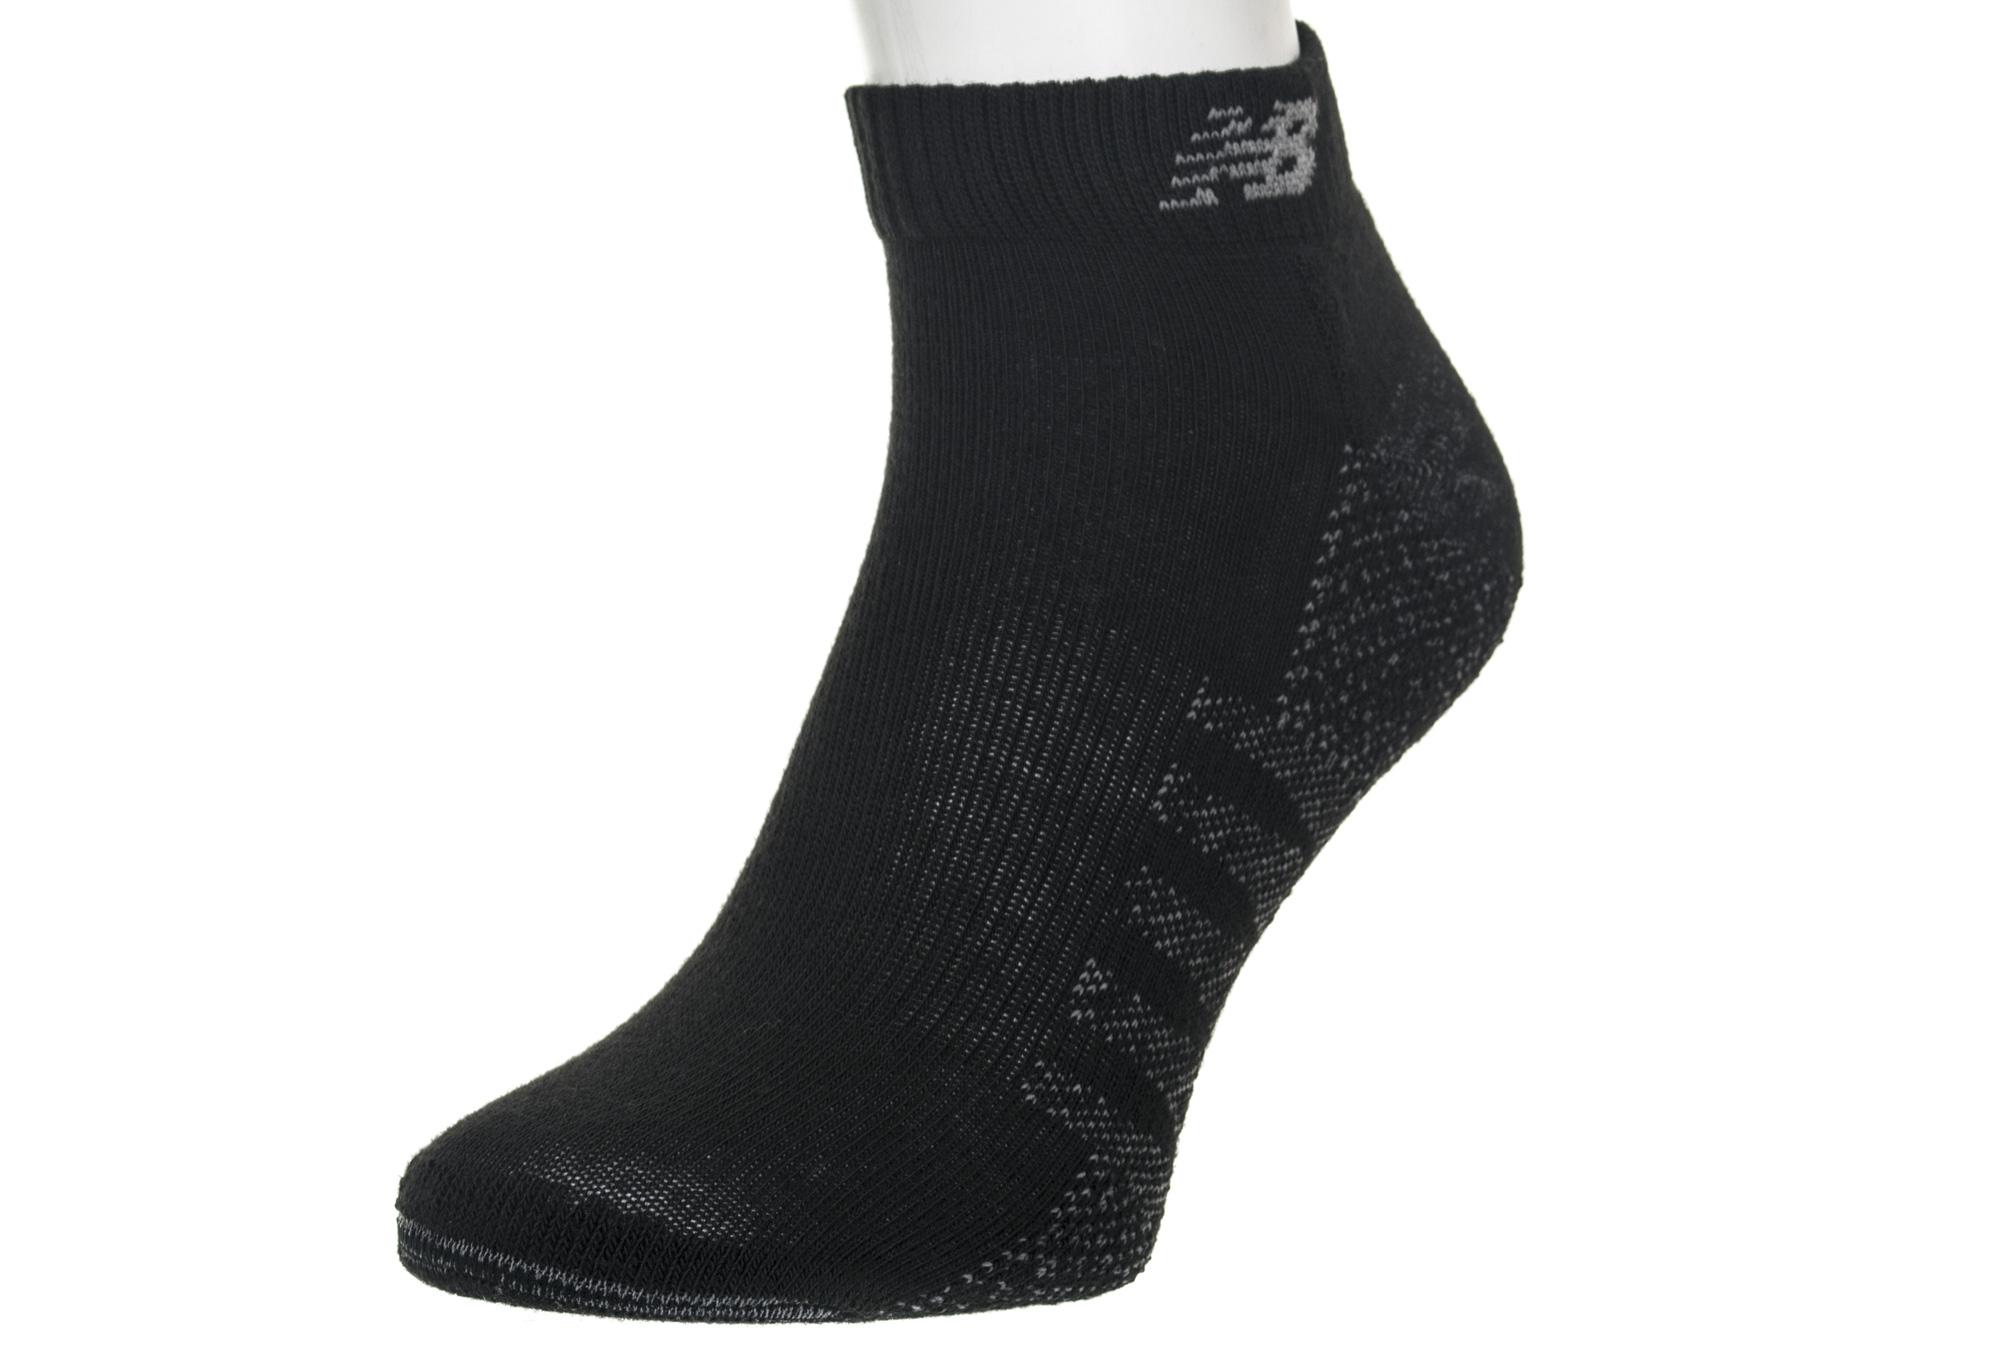 Chaussettes Femme NEW BALANCE N7020 230 Noir